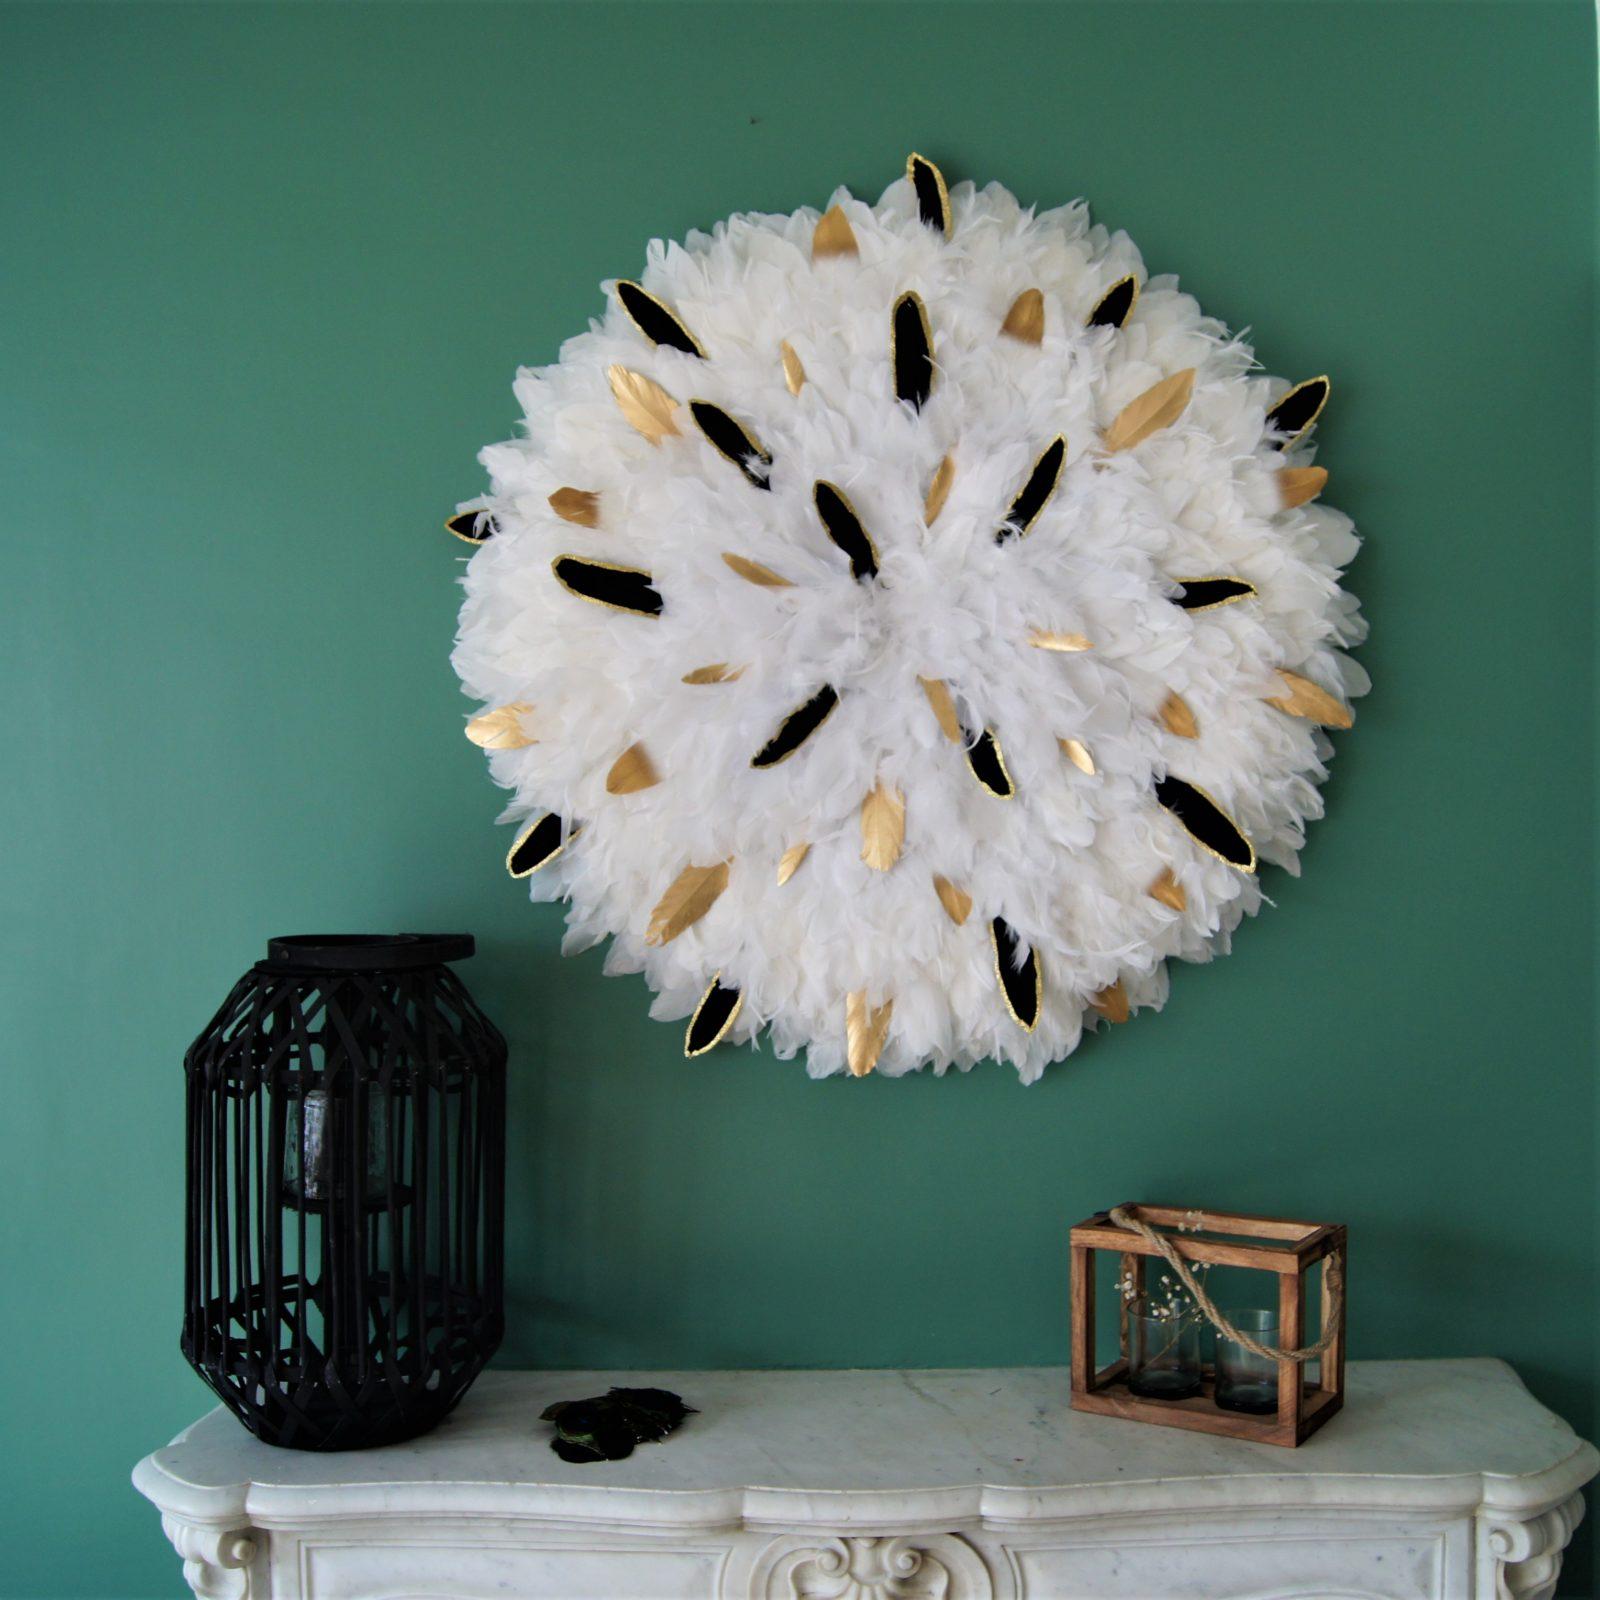 Sur-mesure - My juju Hat - Plumes baroques ivoire or et noir 90 cm